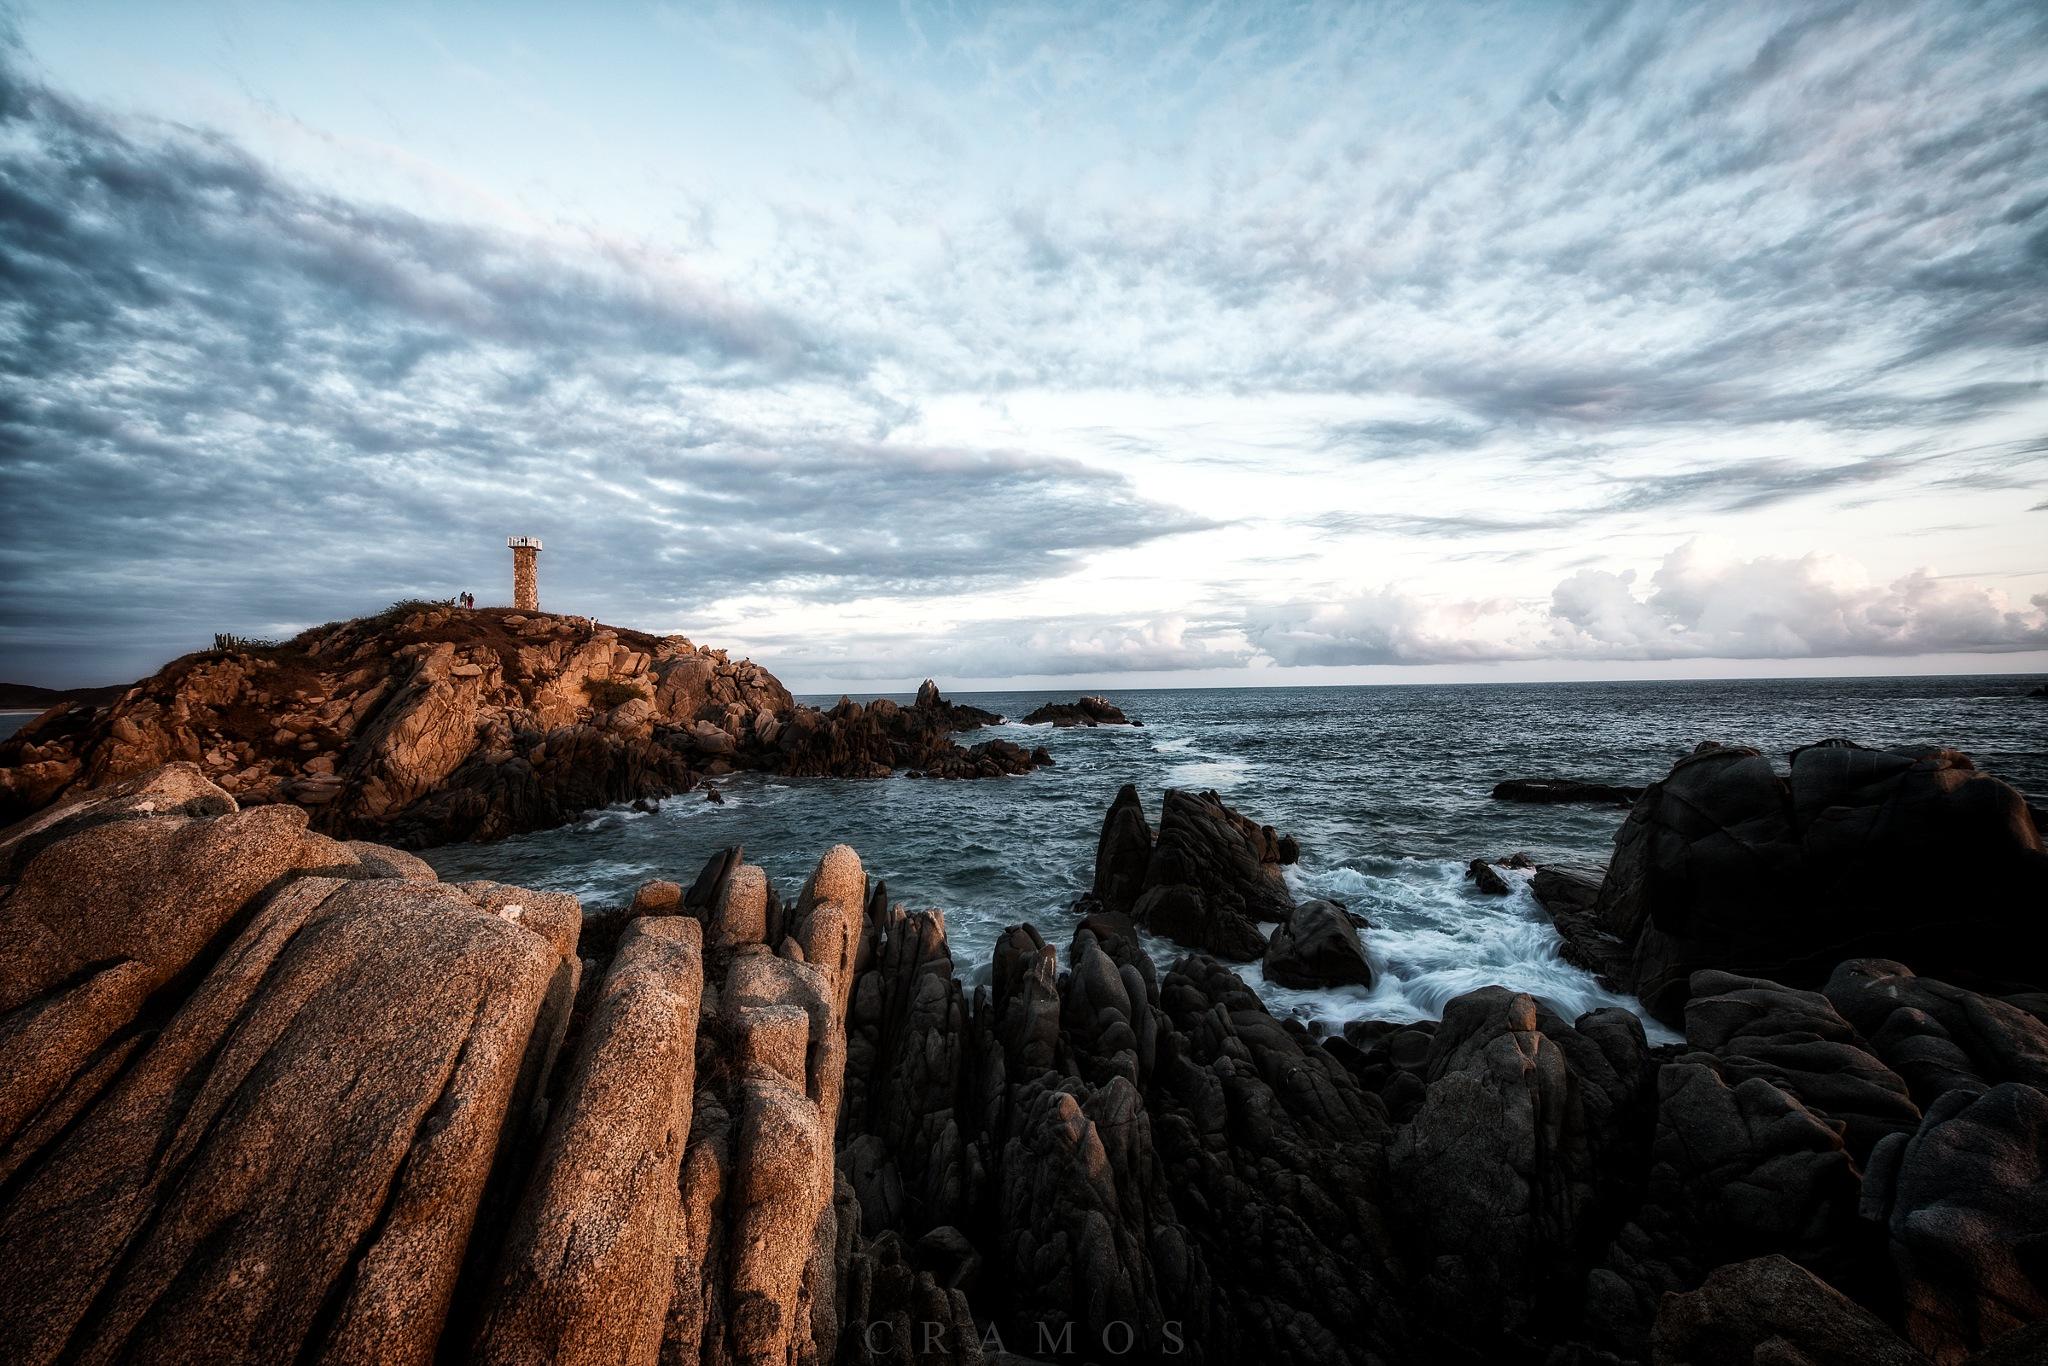 The lighthouse by César Ramos